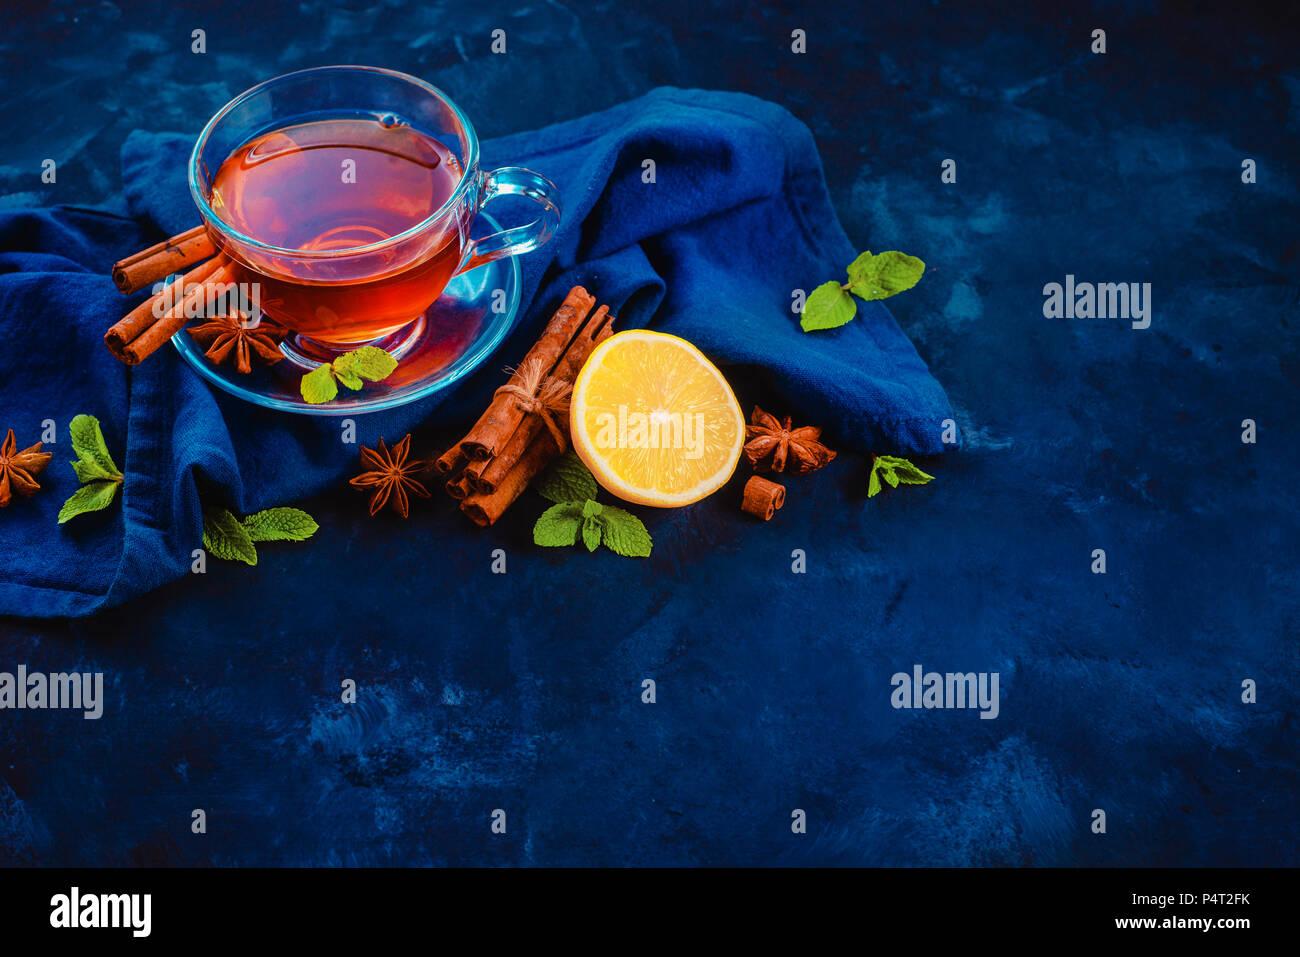 Tasse en verre de thé noir, , nappes, rondelles de citron, la cannelle, l'anis étoile et de feuilles de menthe sur un fond sombre. En-tête de la photographie alimentaire sombre avec l'exemplaire Photo Stock